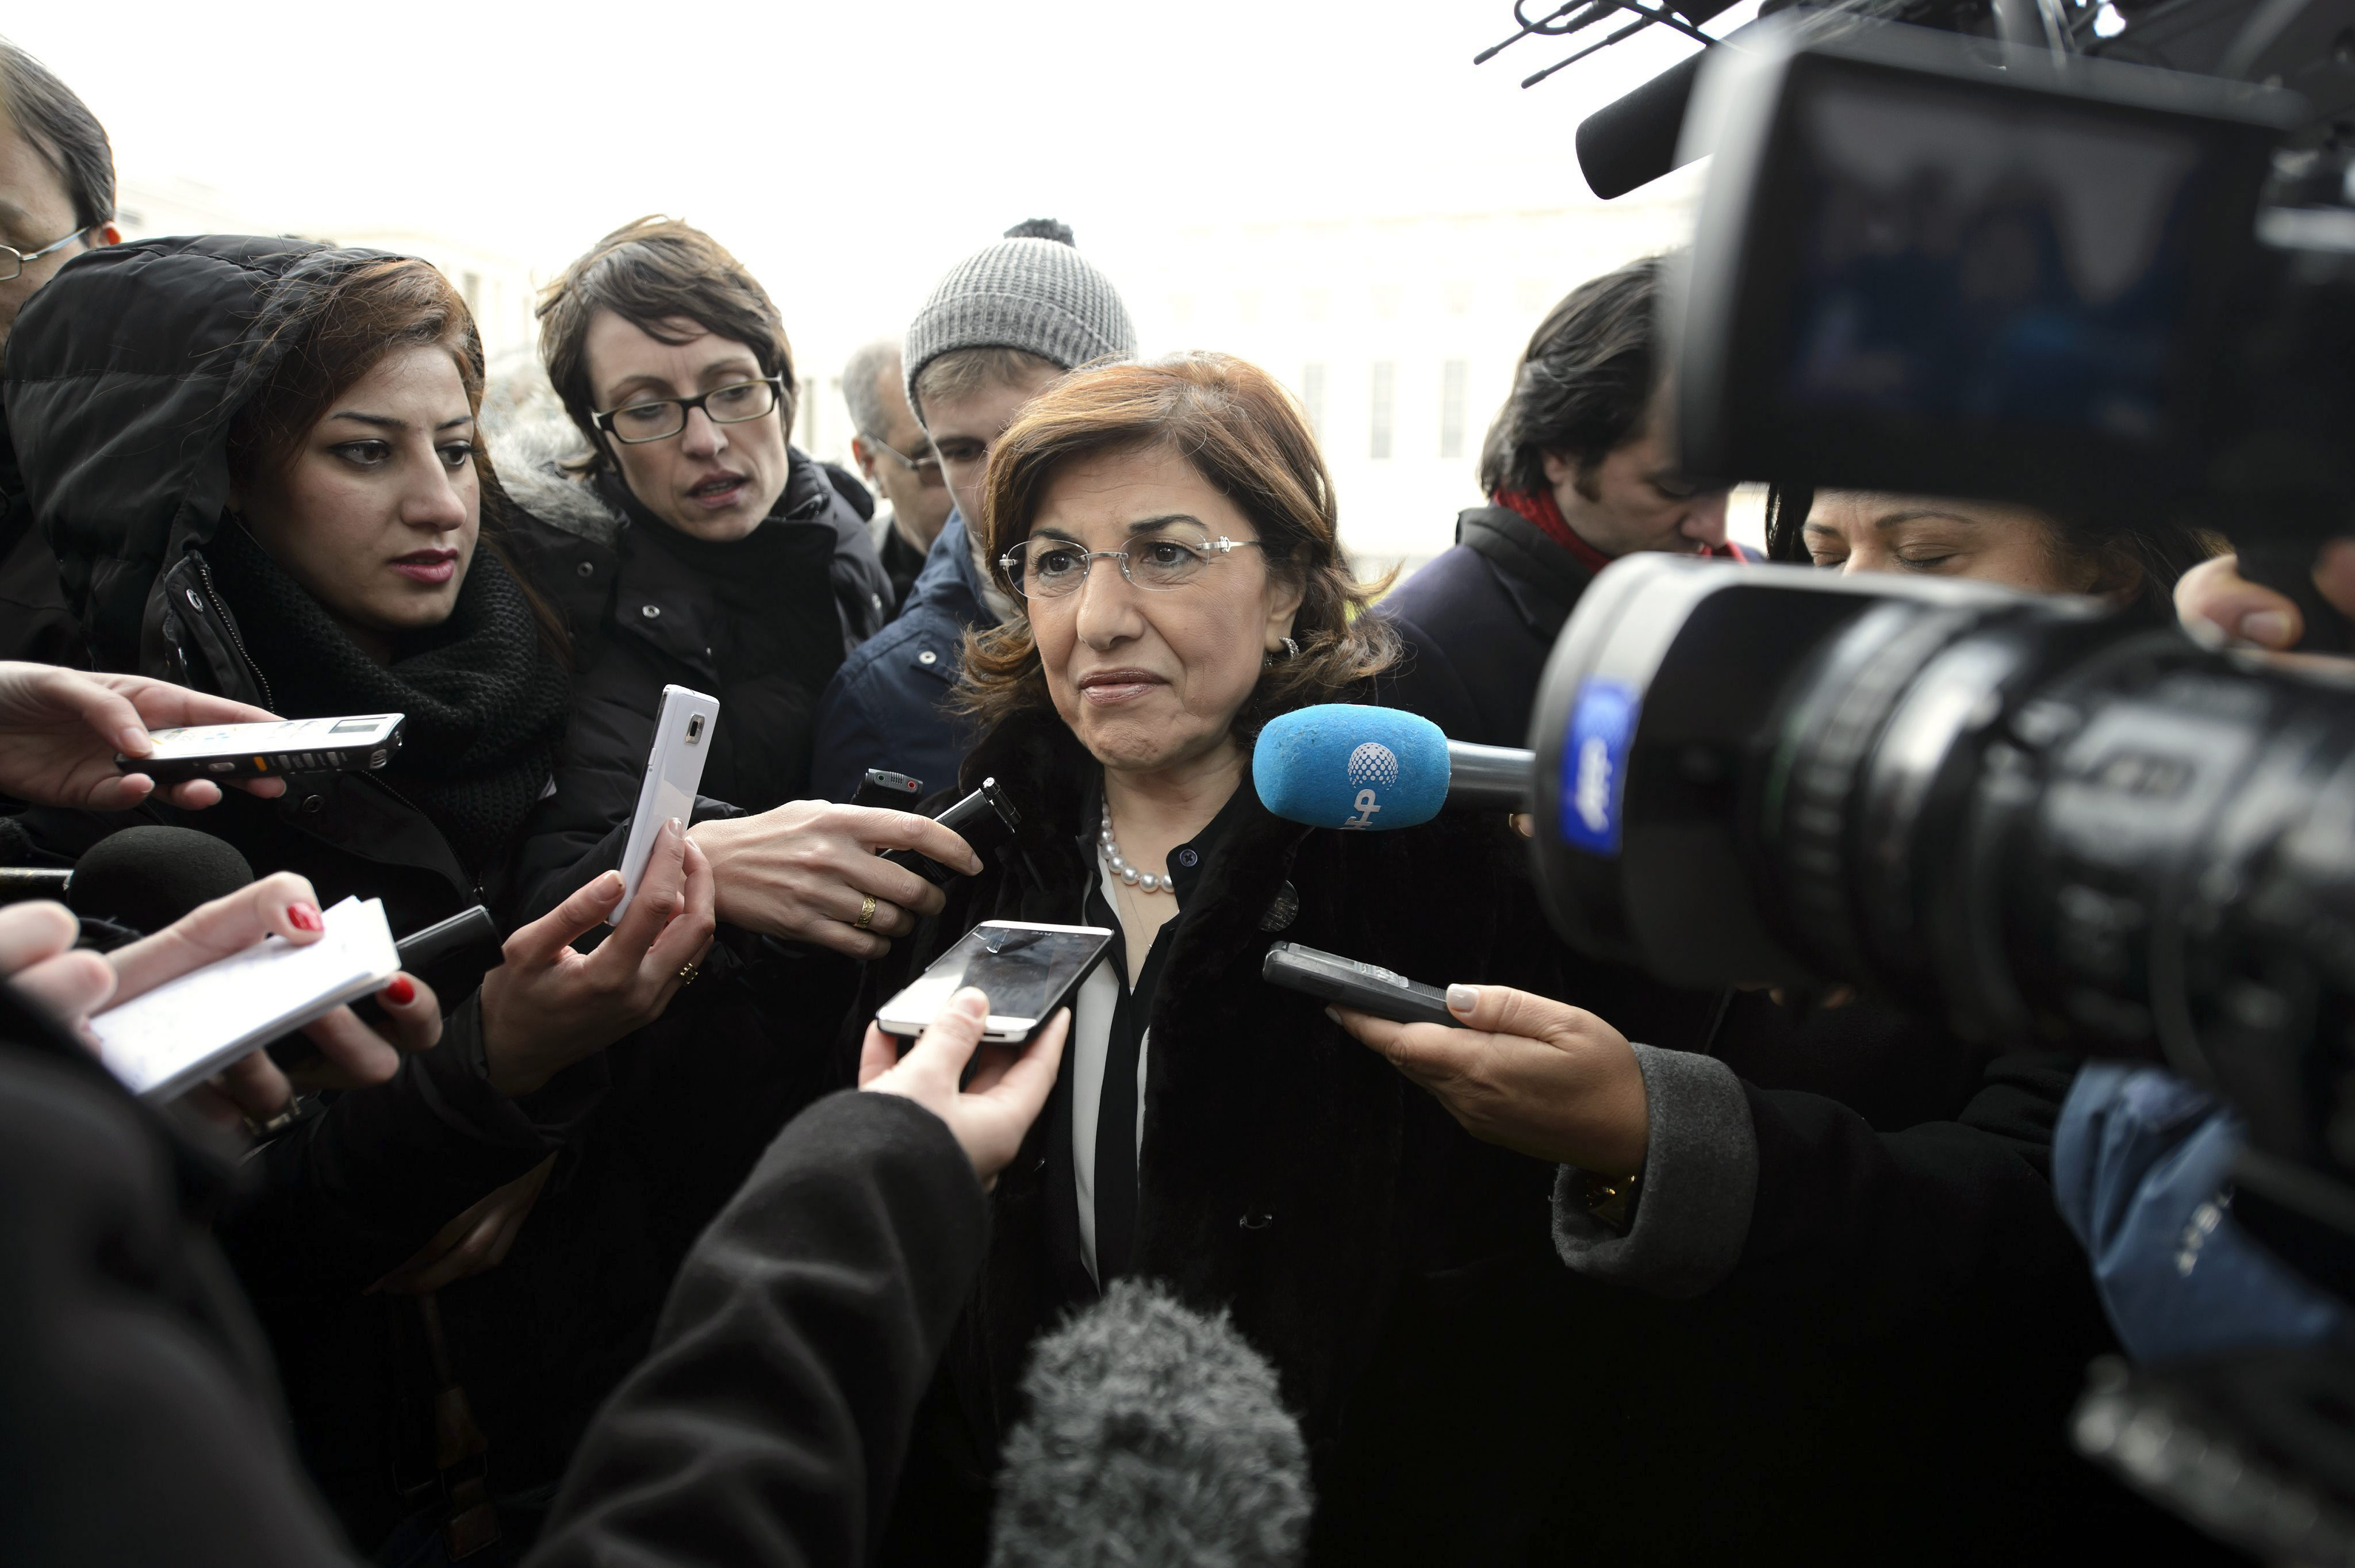 La primera ronda del proceso de paz para Siria entra en el penúltimo día sin avances